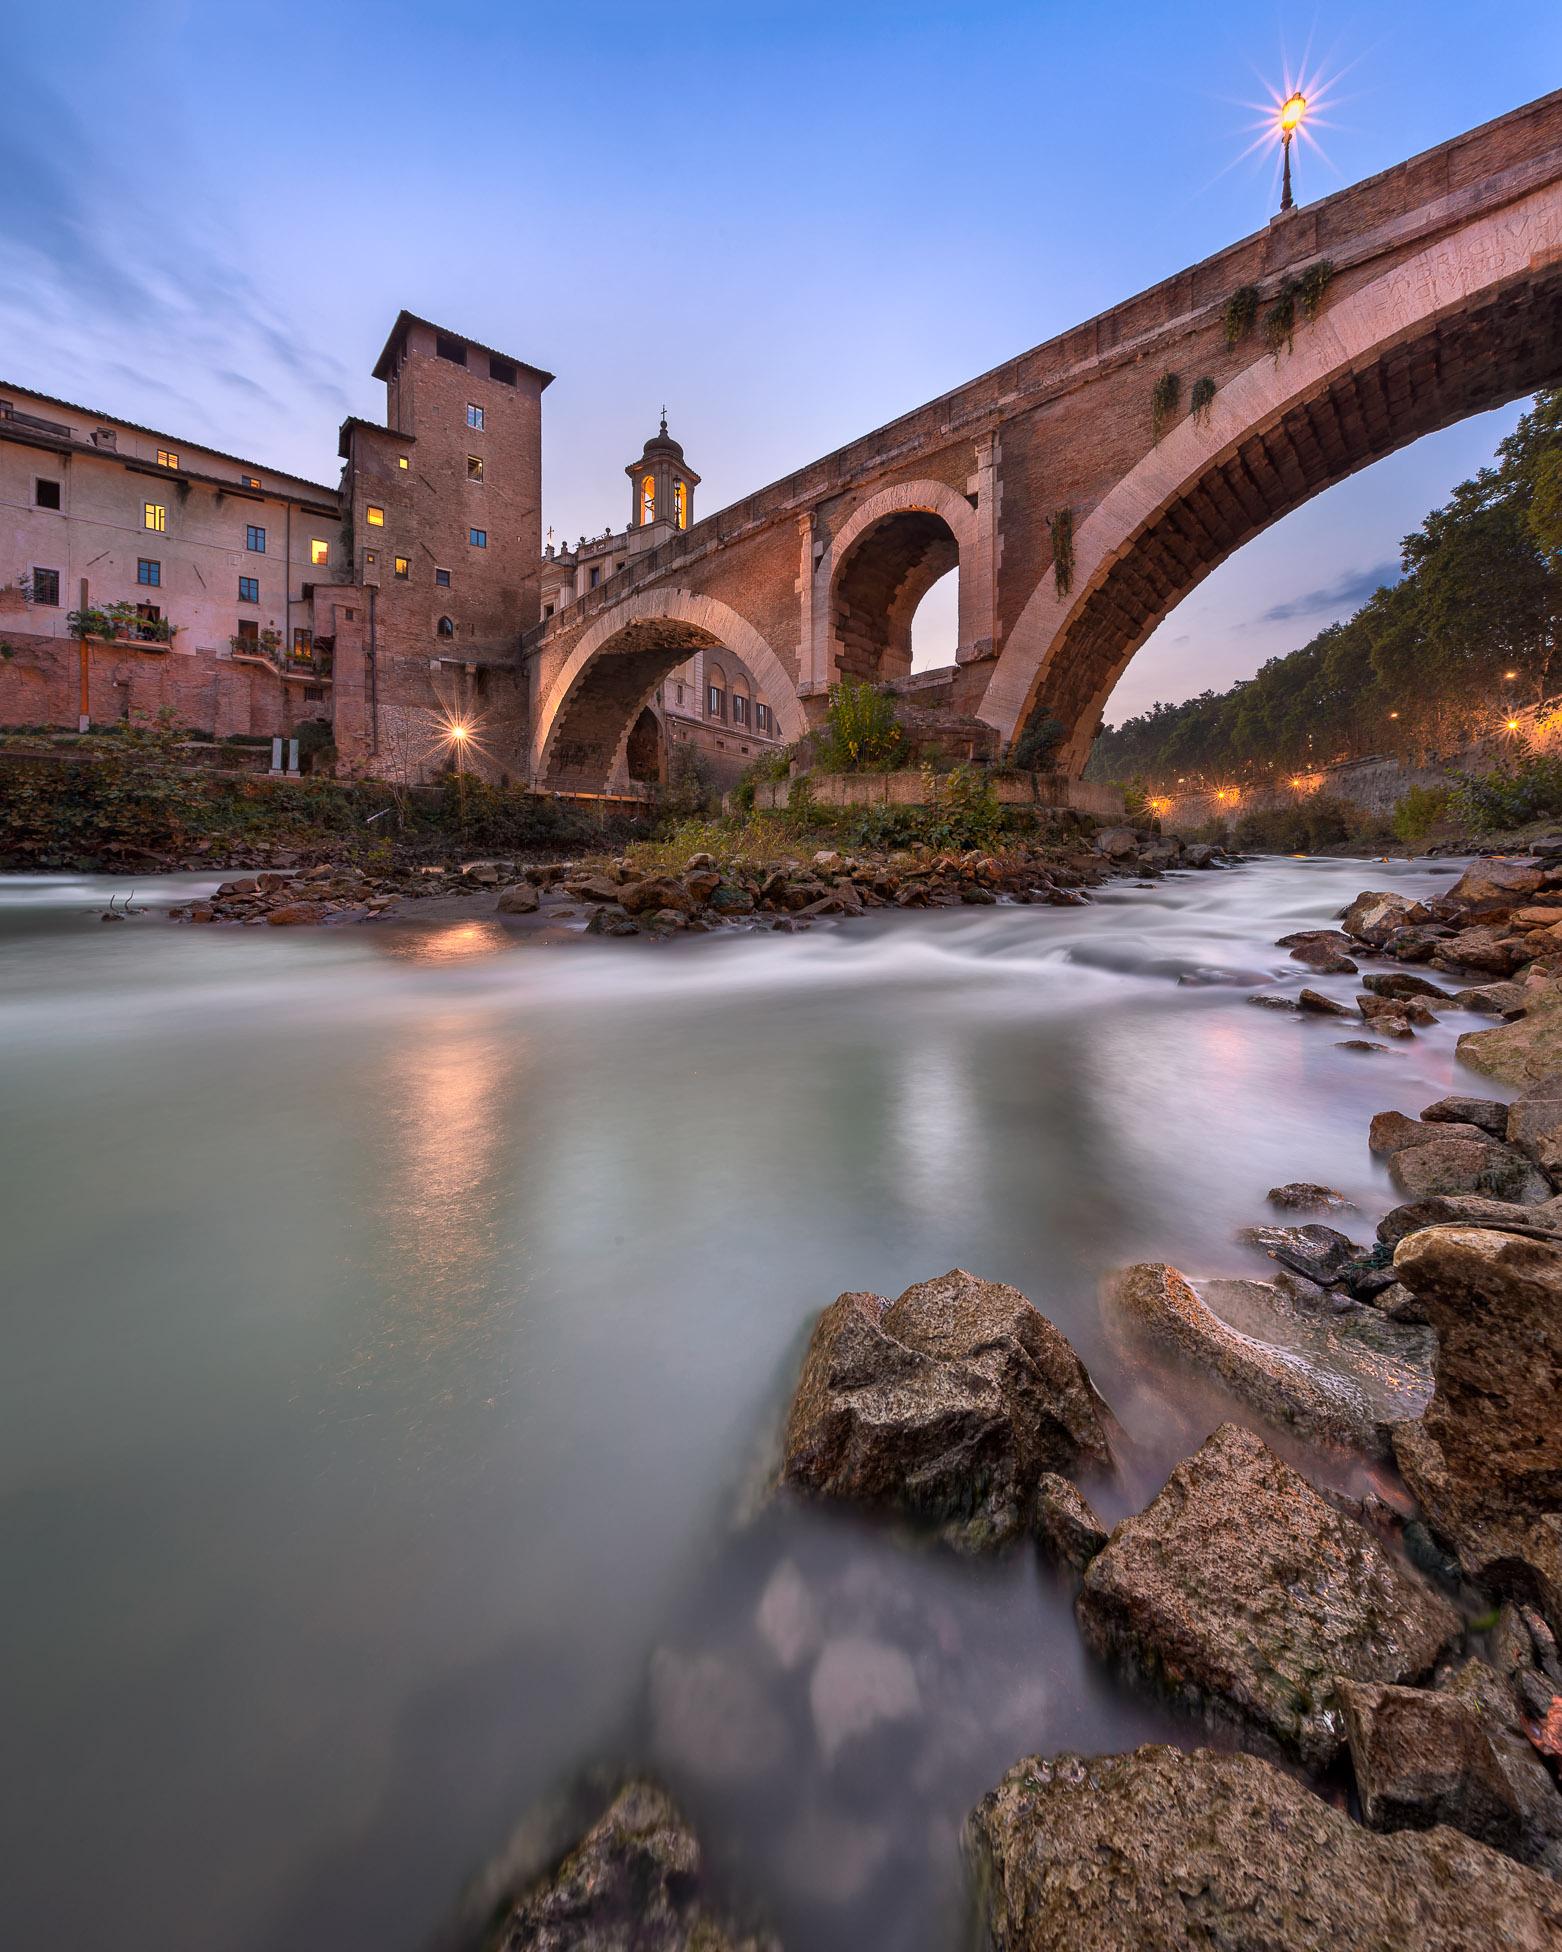 Fabricius Bridge and Tiber Island in the Evening, Rome, Italy